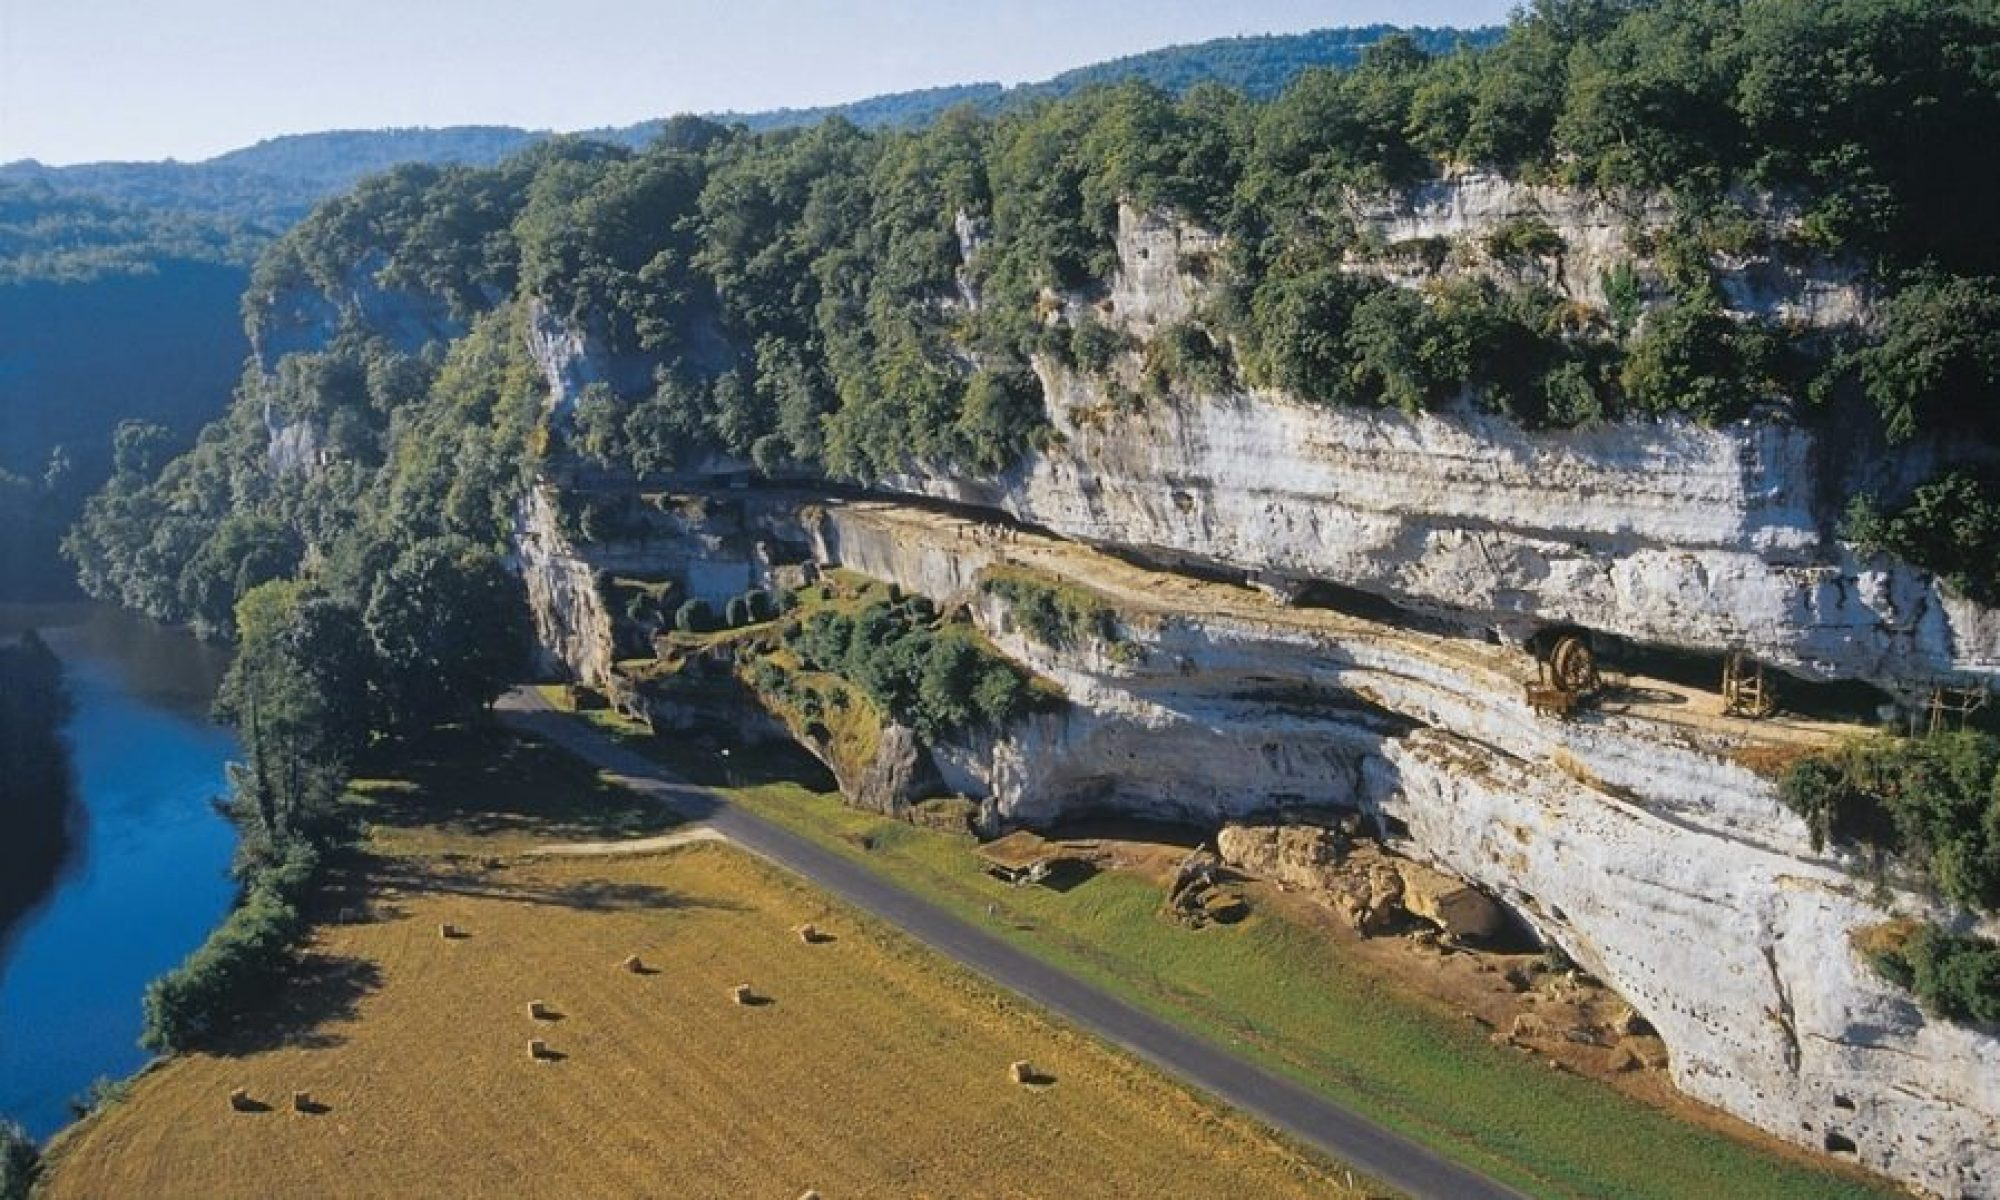 Peyzac-le-Moustier - Périgord